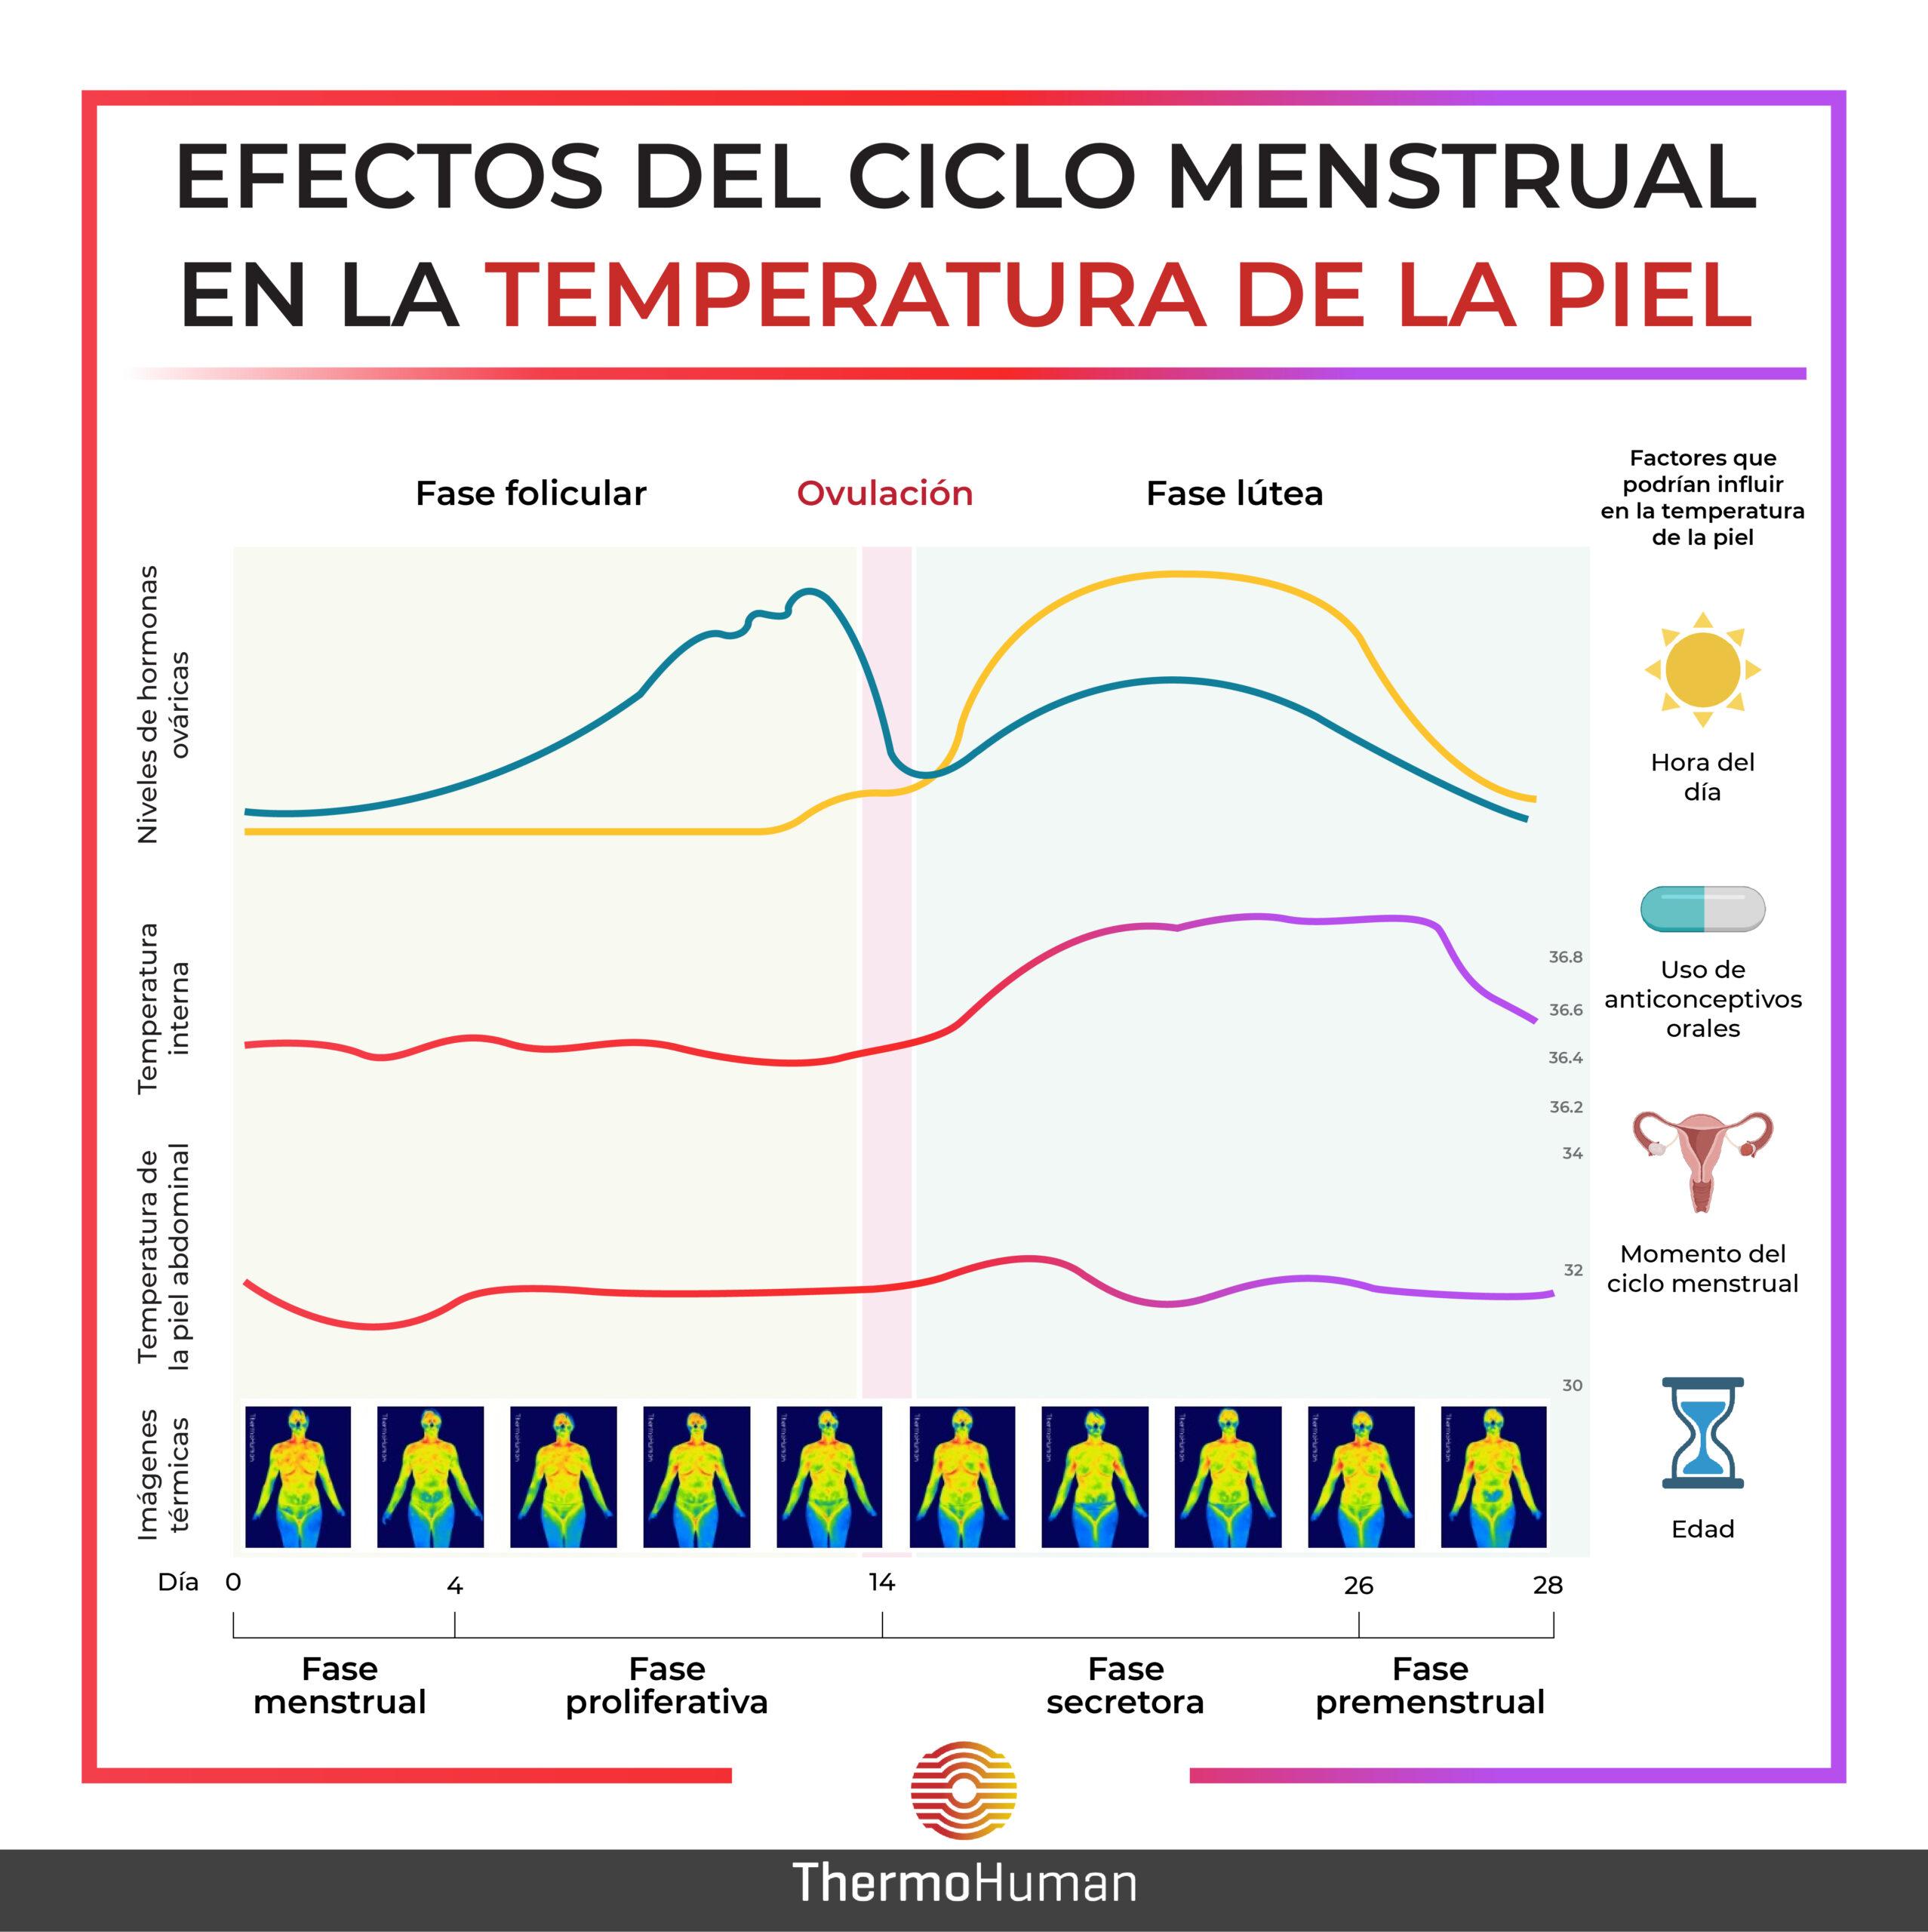 Efectos del ciclo menstrual en la temperatura de la piel